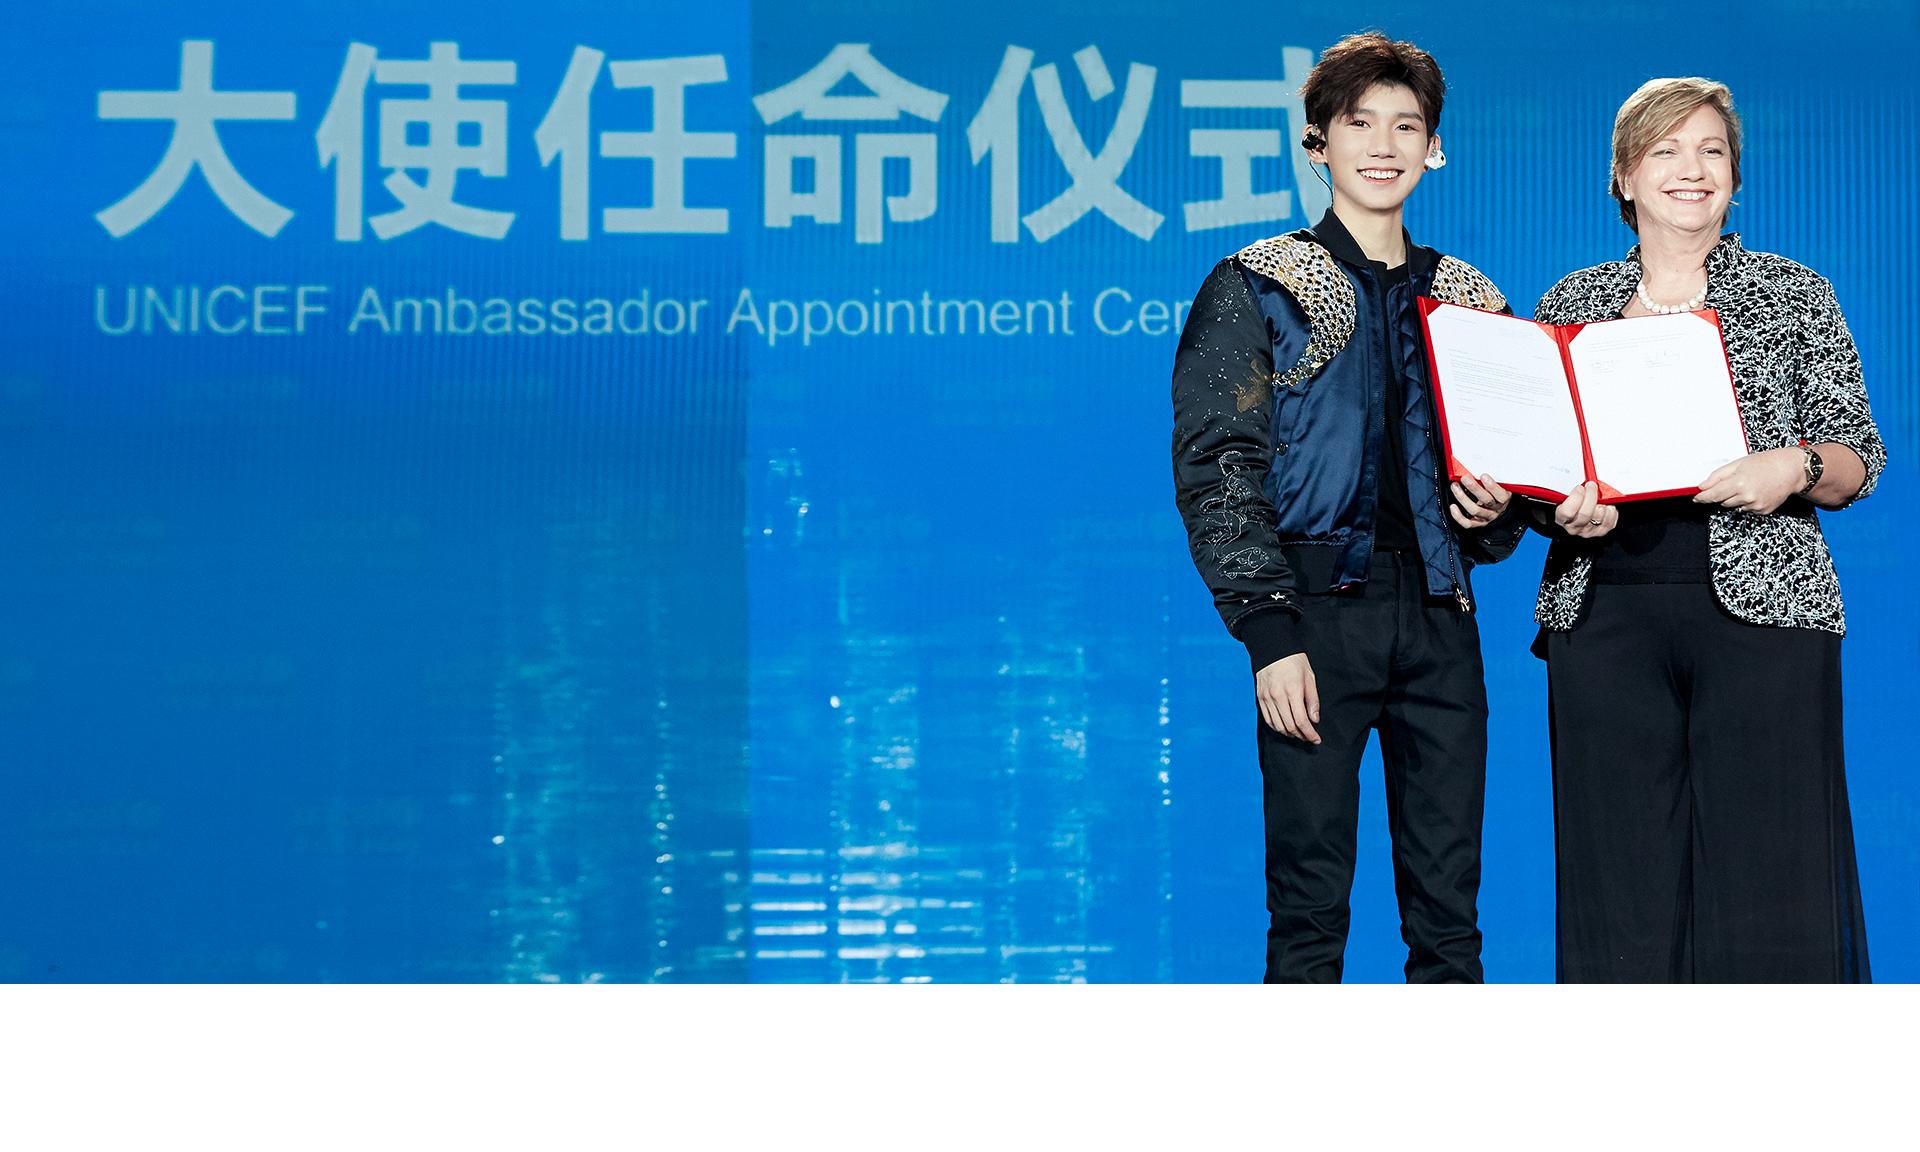 王源出任联合国儿童基金会新任大使